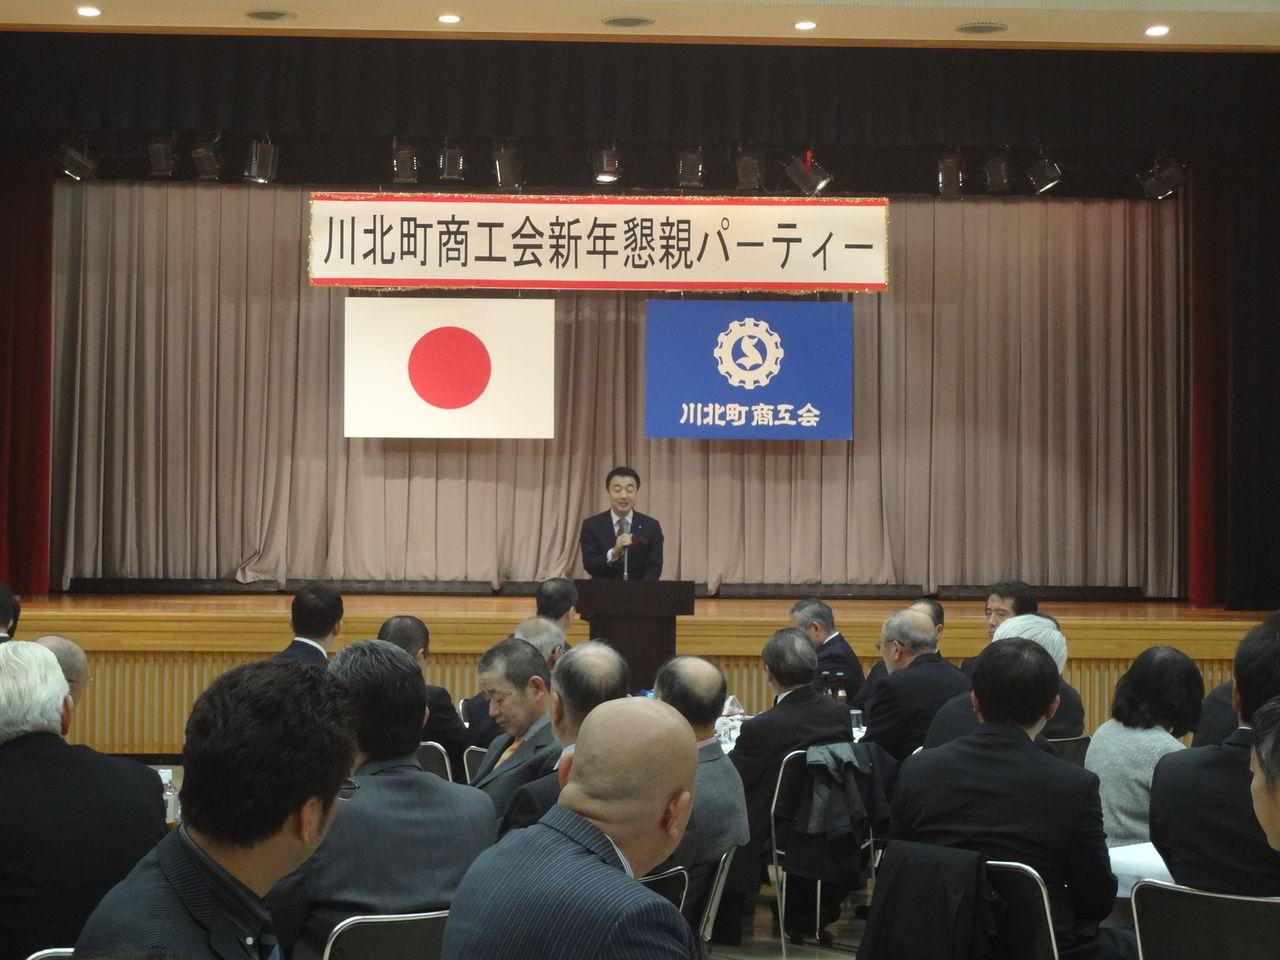 2013:01:20:2248川北町商工会新年懇親パーティー